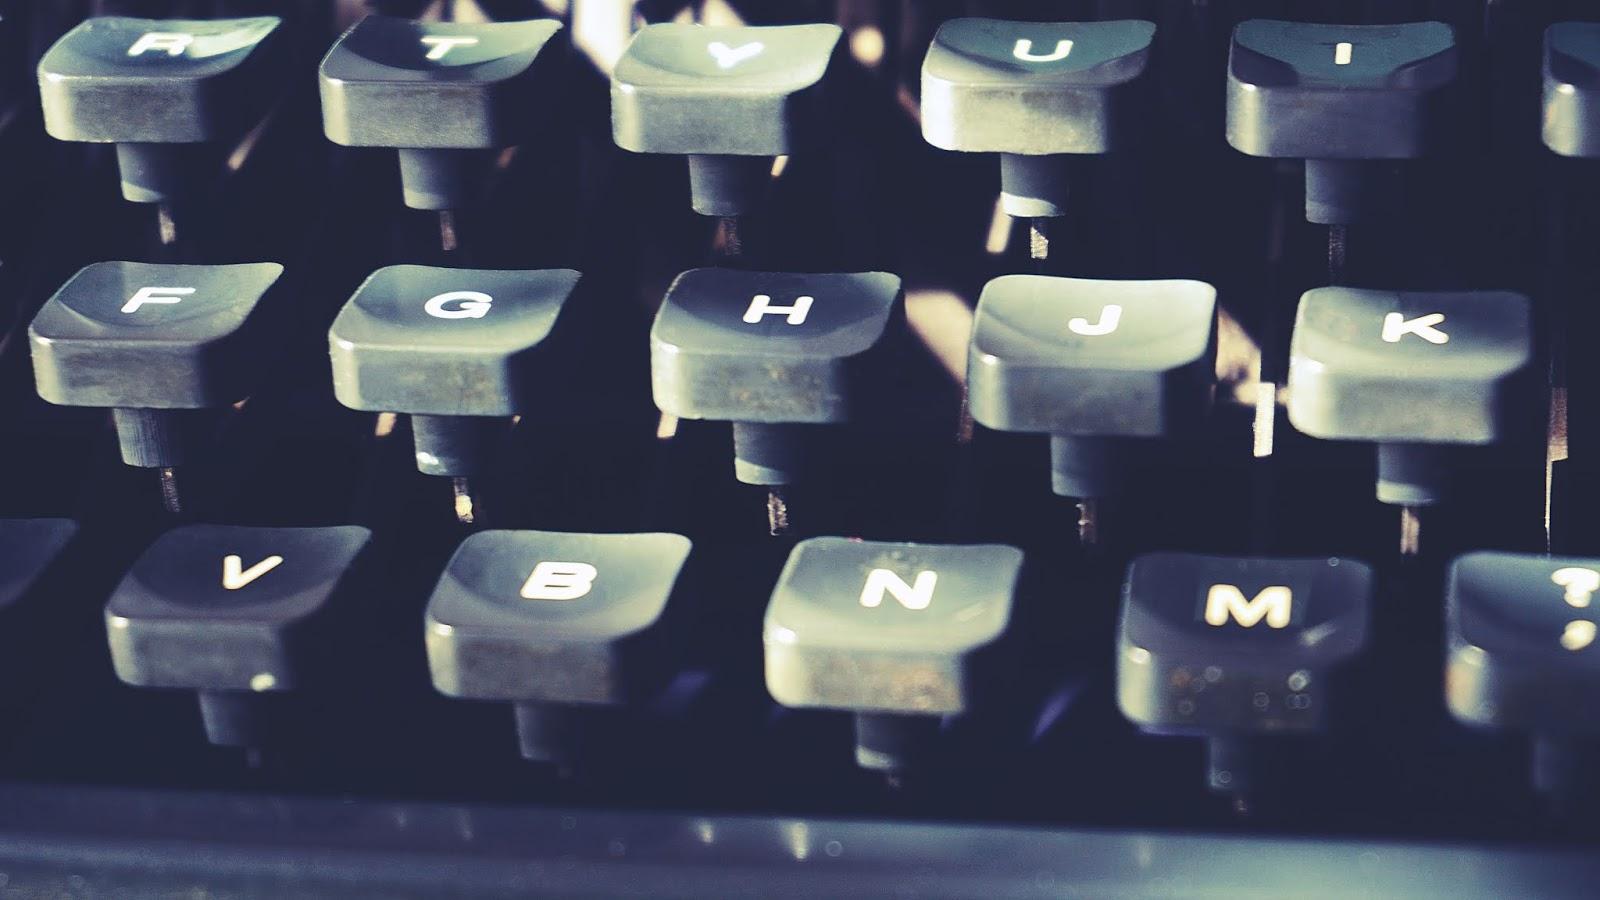 إزاي ابقى مؤلف؟ 😍